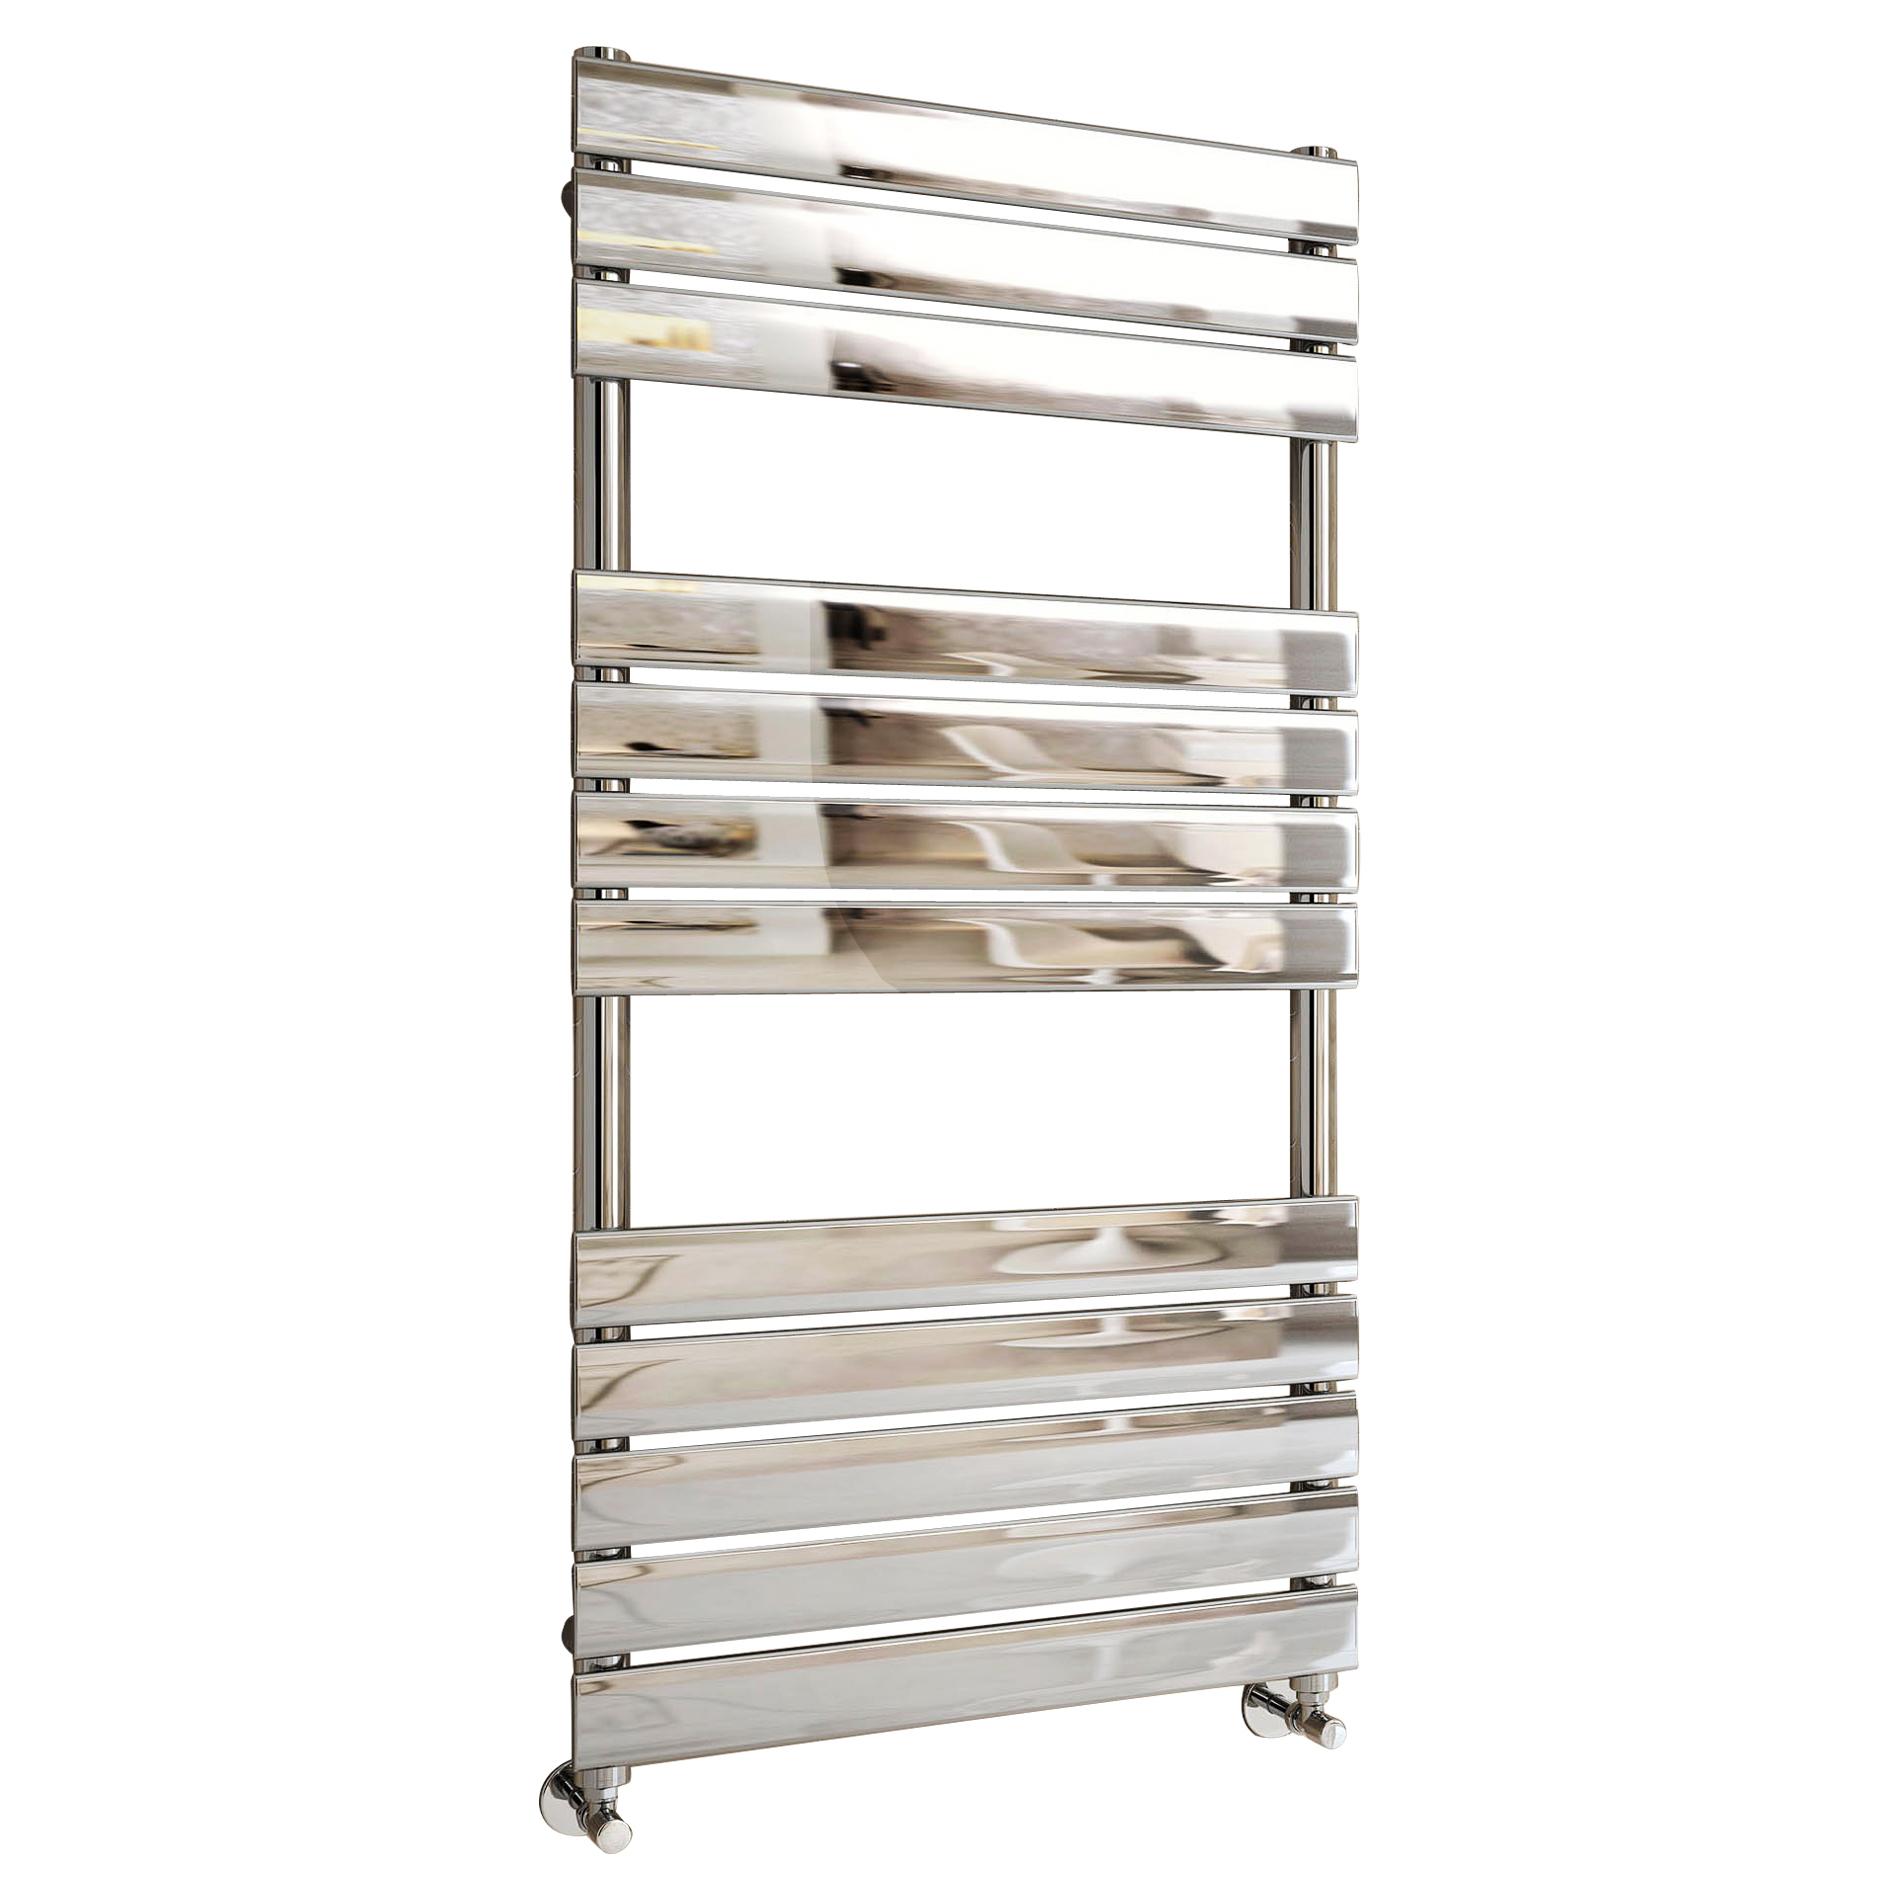 designer flat panel heated towel rail bathroom heater uk. Black Bedroom Furniture Sets. Home Design Ideas